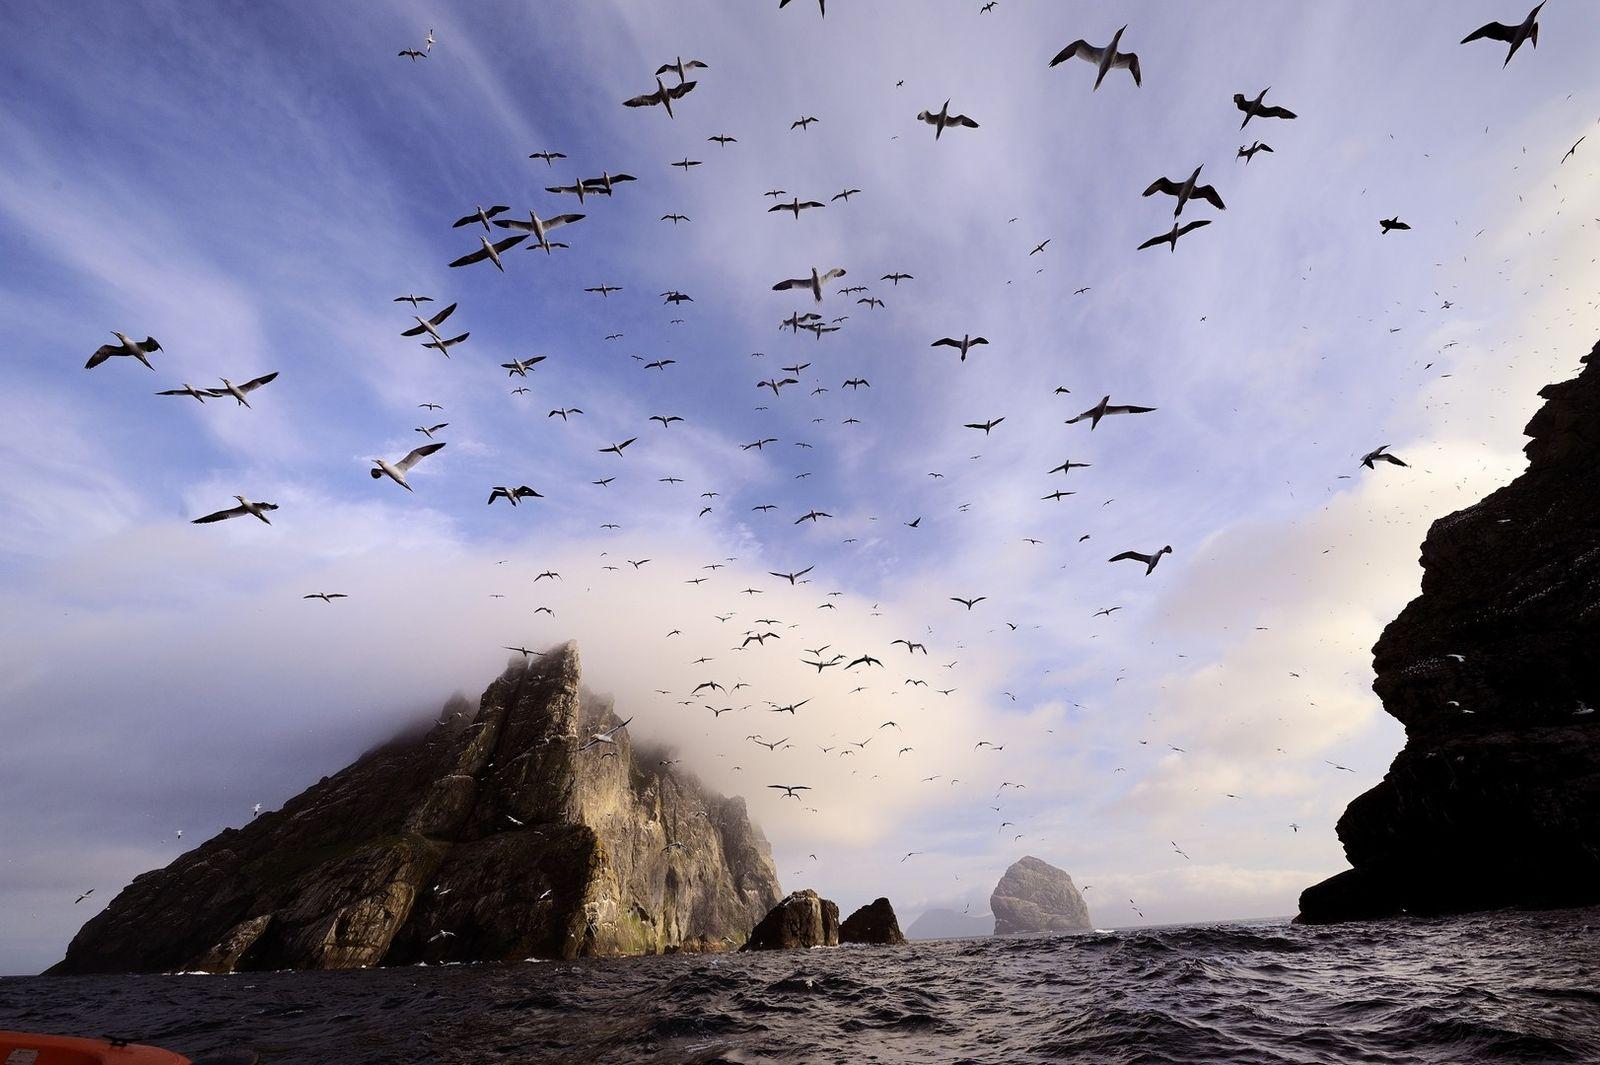 Diesen kurzen Sonnenmoment nutzen Tölpel zum Flugstart auf Boreray. Die unbewohnte Insel liegt gut sechs Kilometer ...